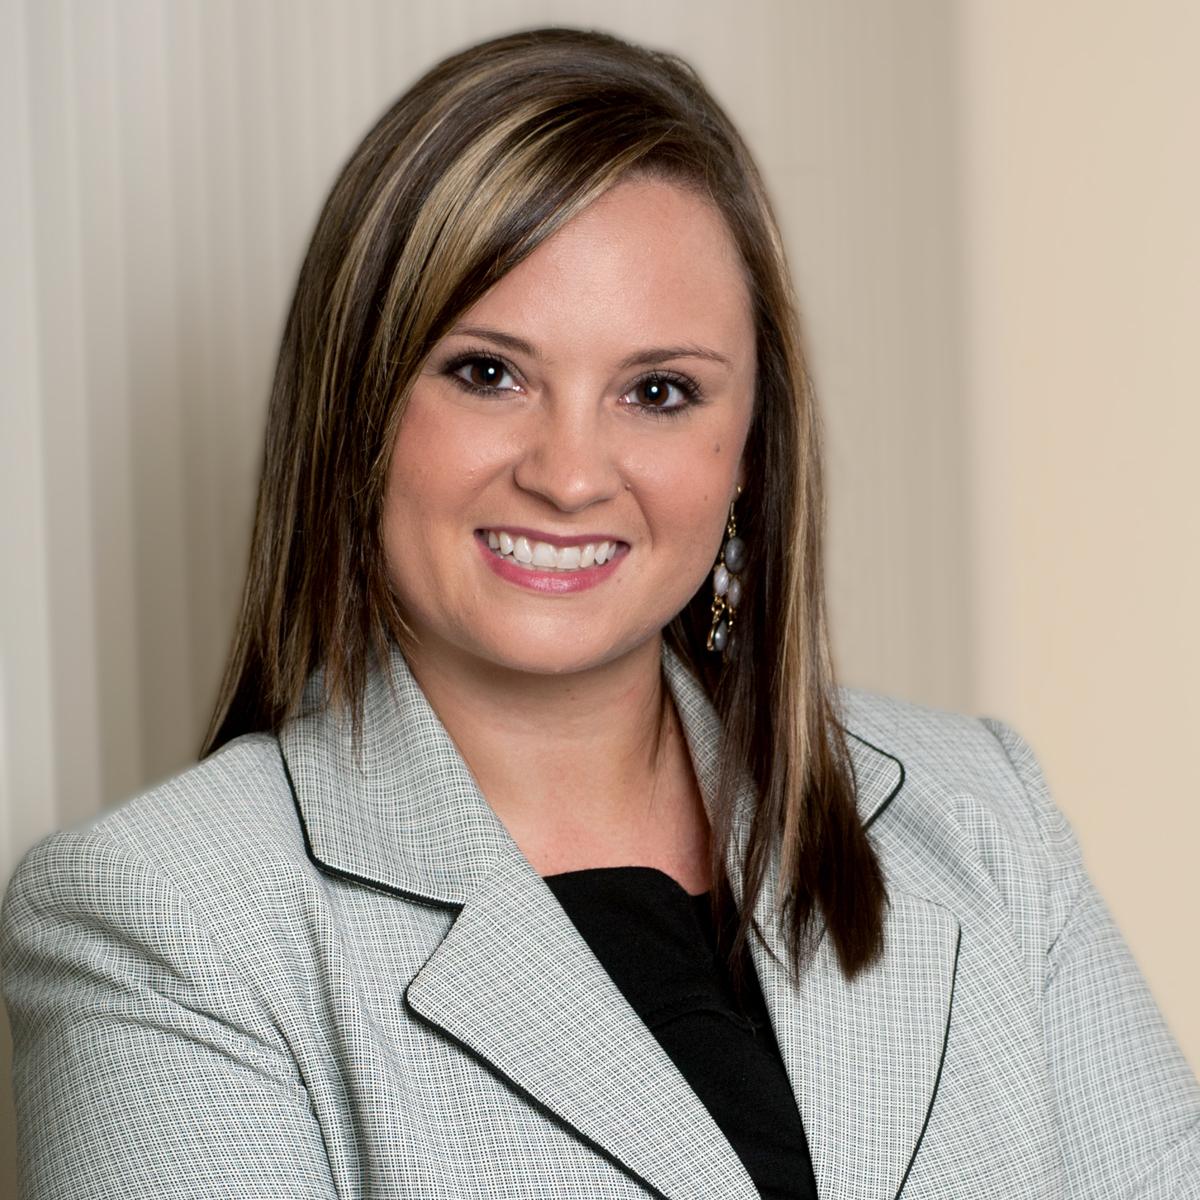 Julie Blasingim, MBA